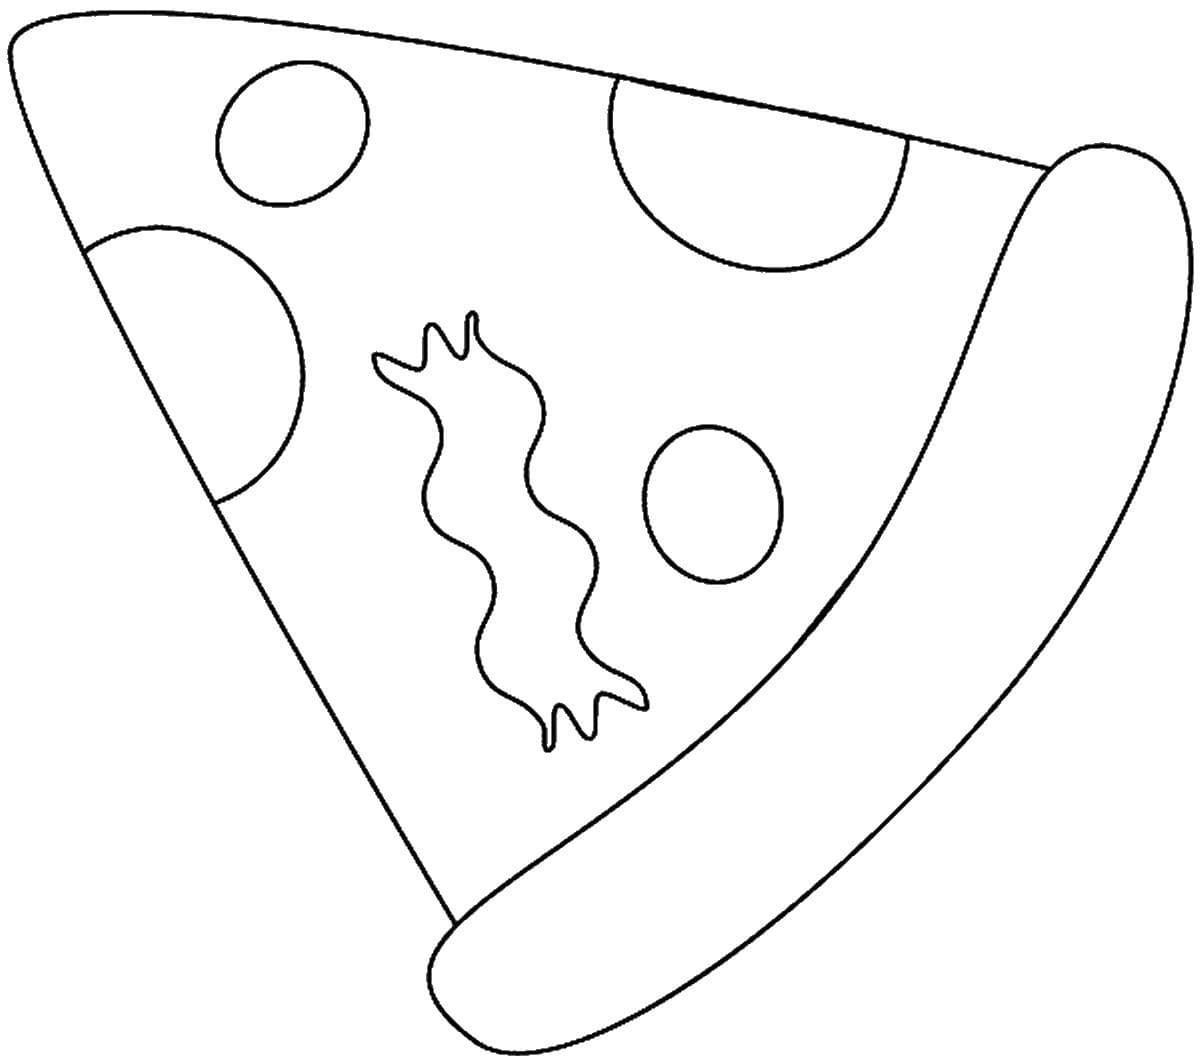 Шаблон для сквиши - кусочек пиццы